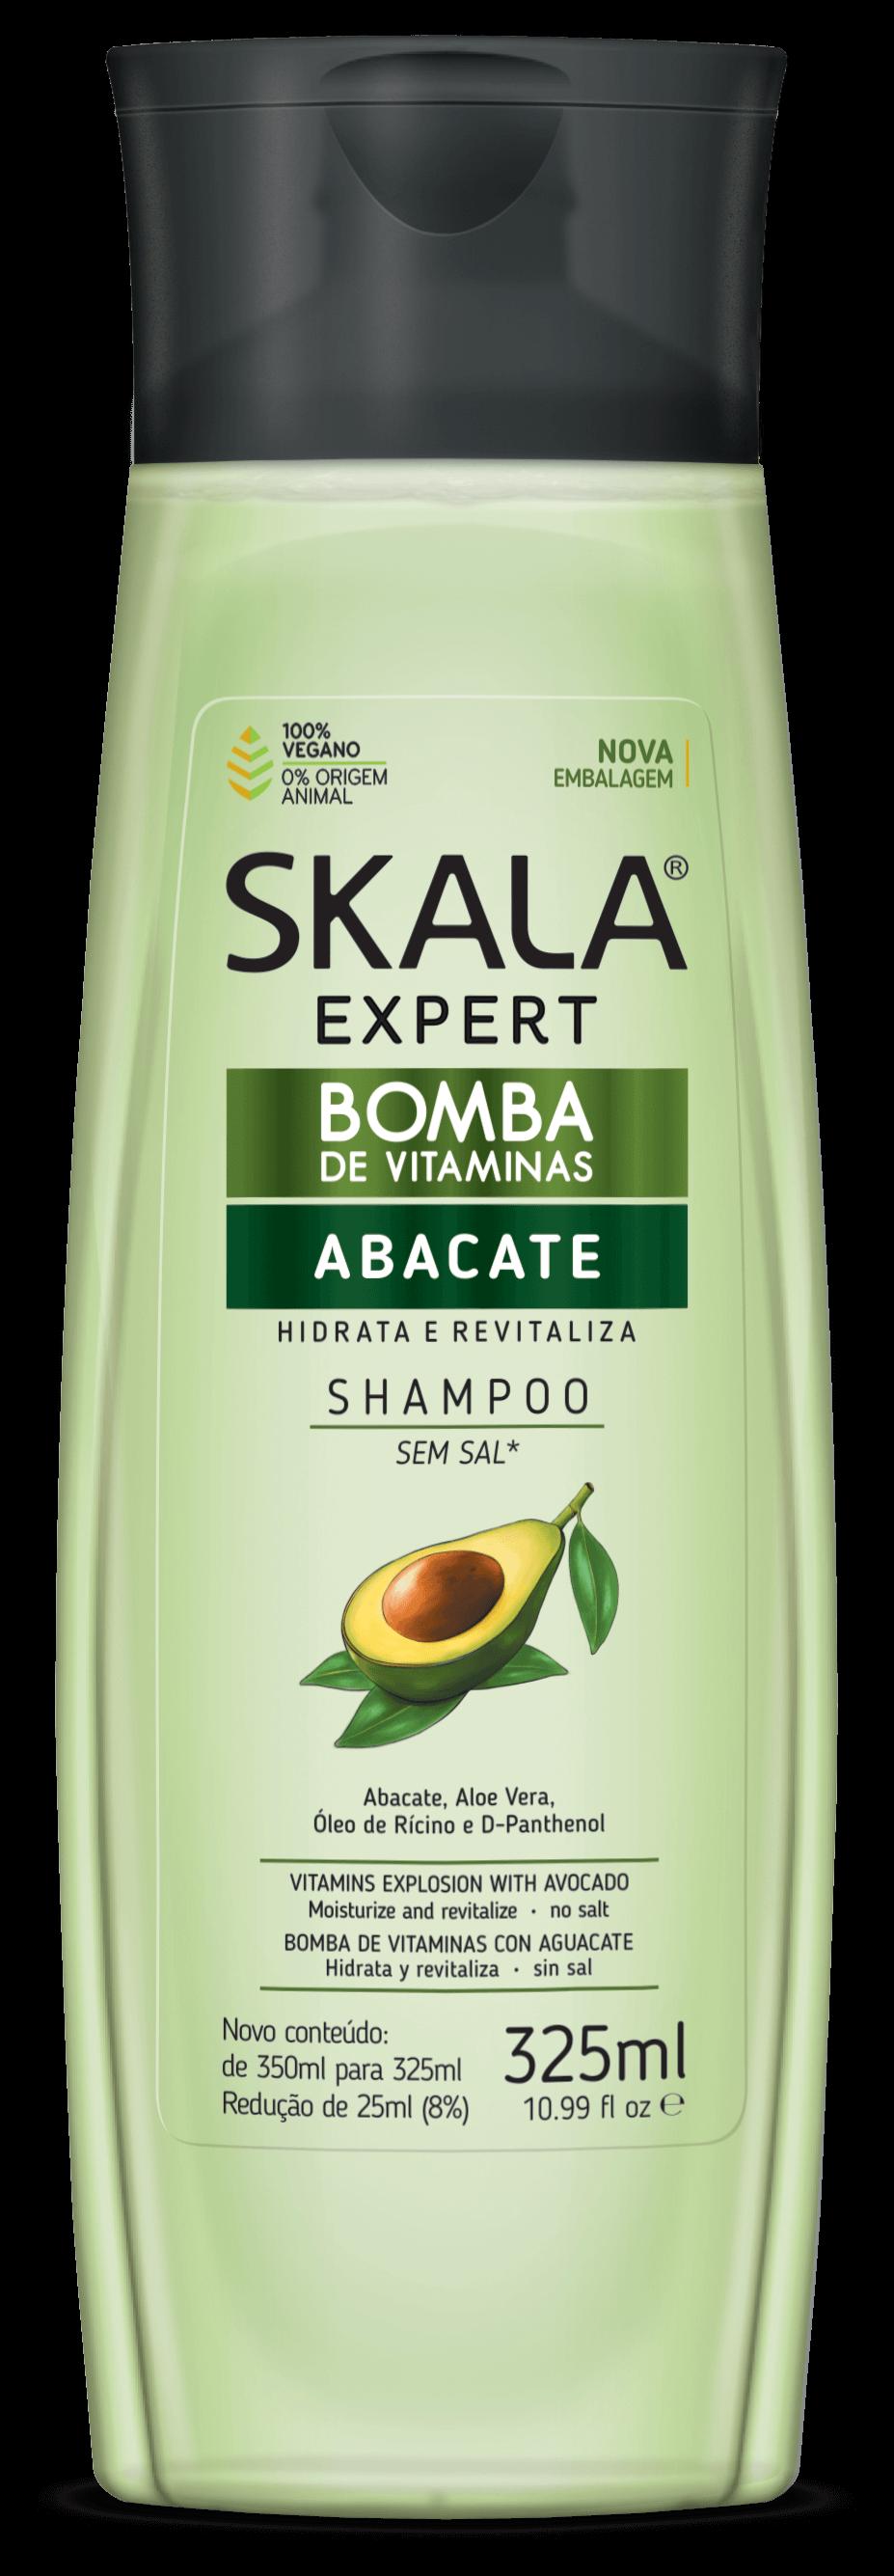 Bomba de Vitaminas Abacate